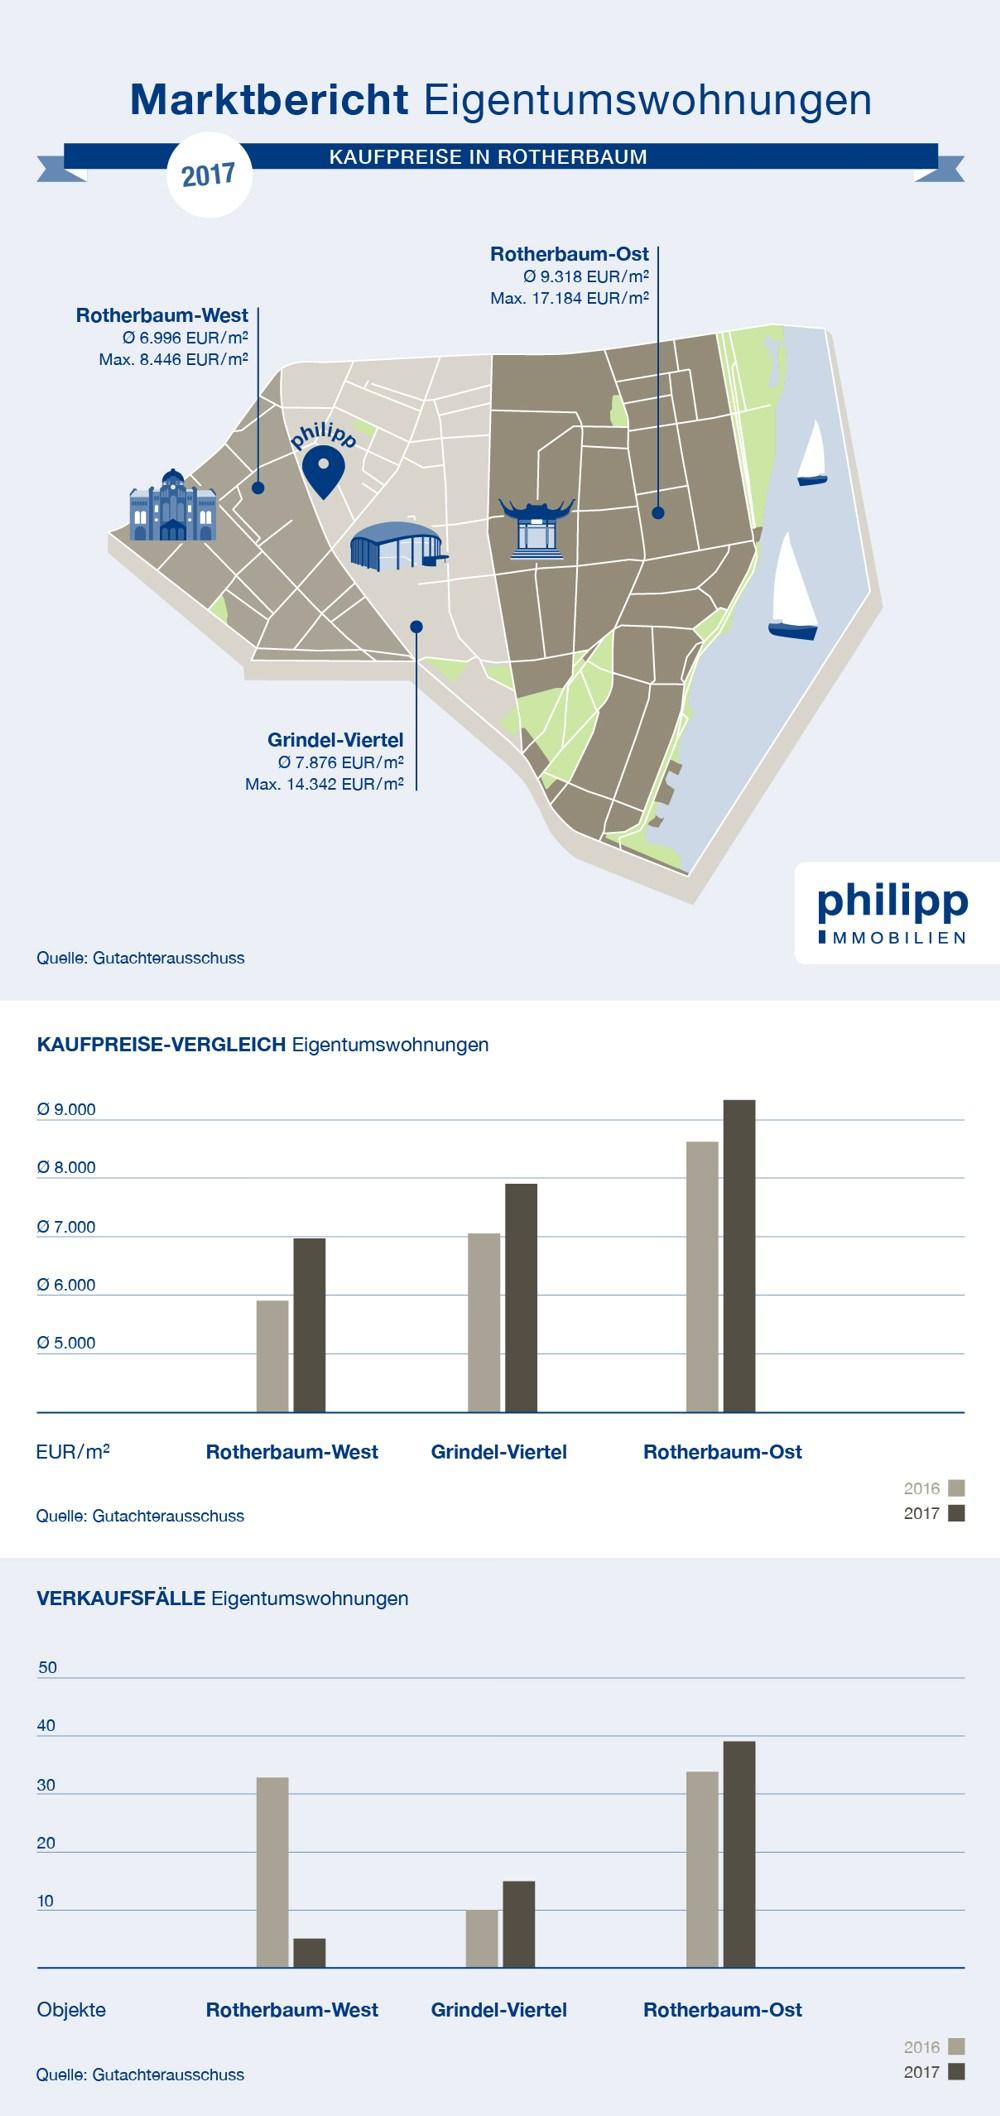 Preise Eigentumswohnung kaufen in Rotherbaum, Hamburg | 2017